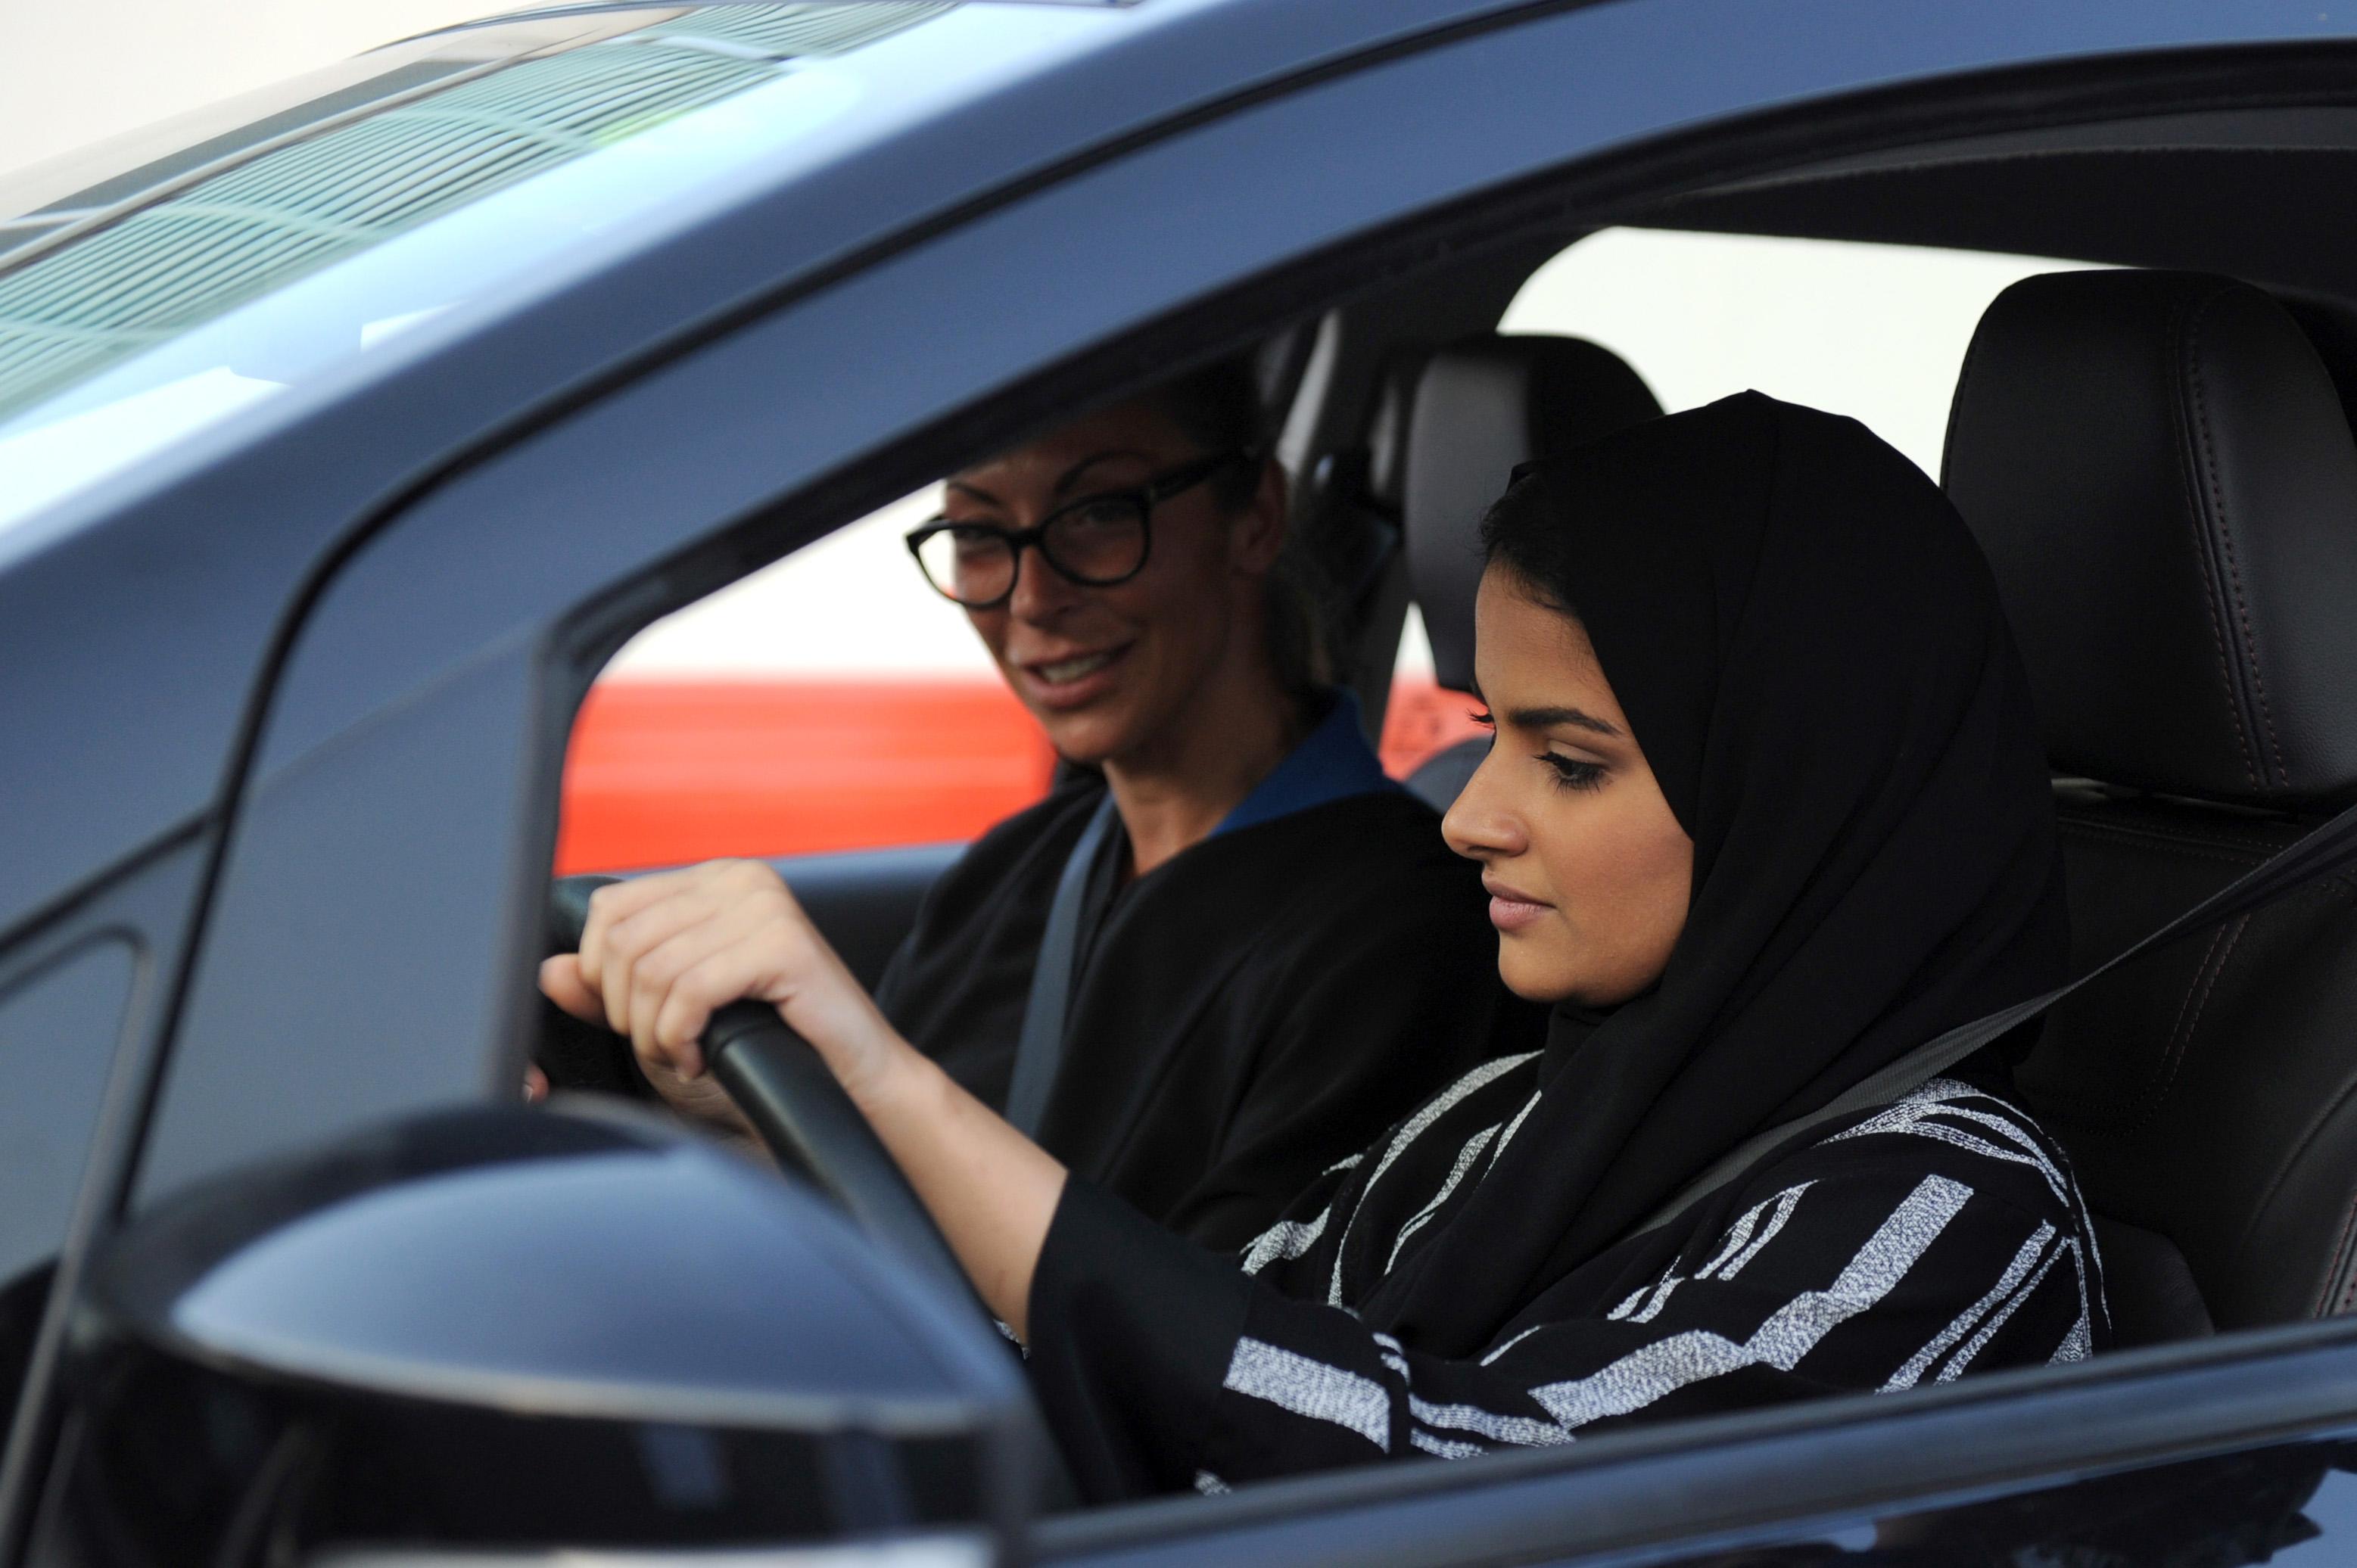 تعلم القيادة (2)